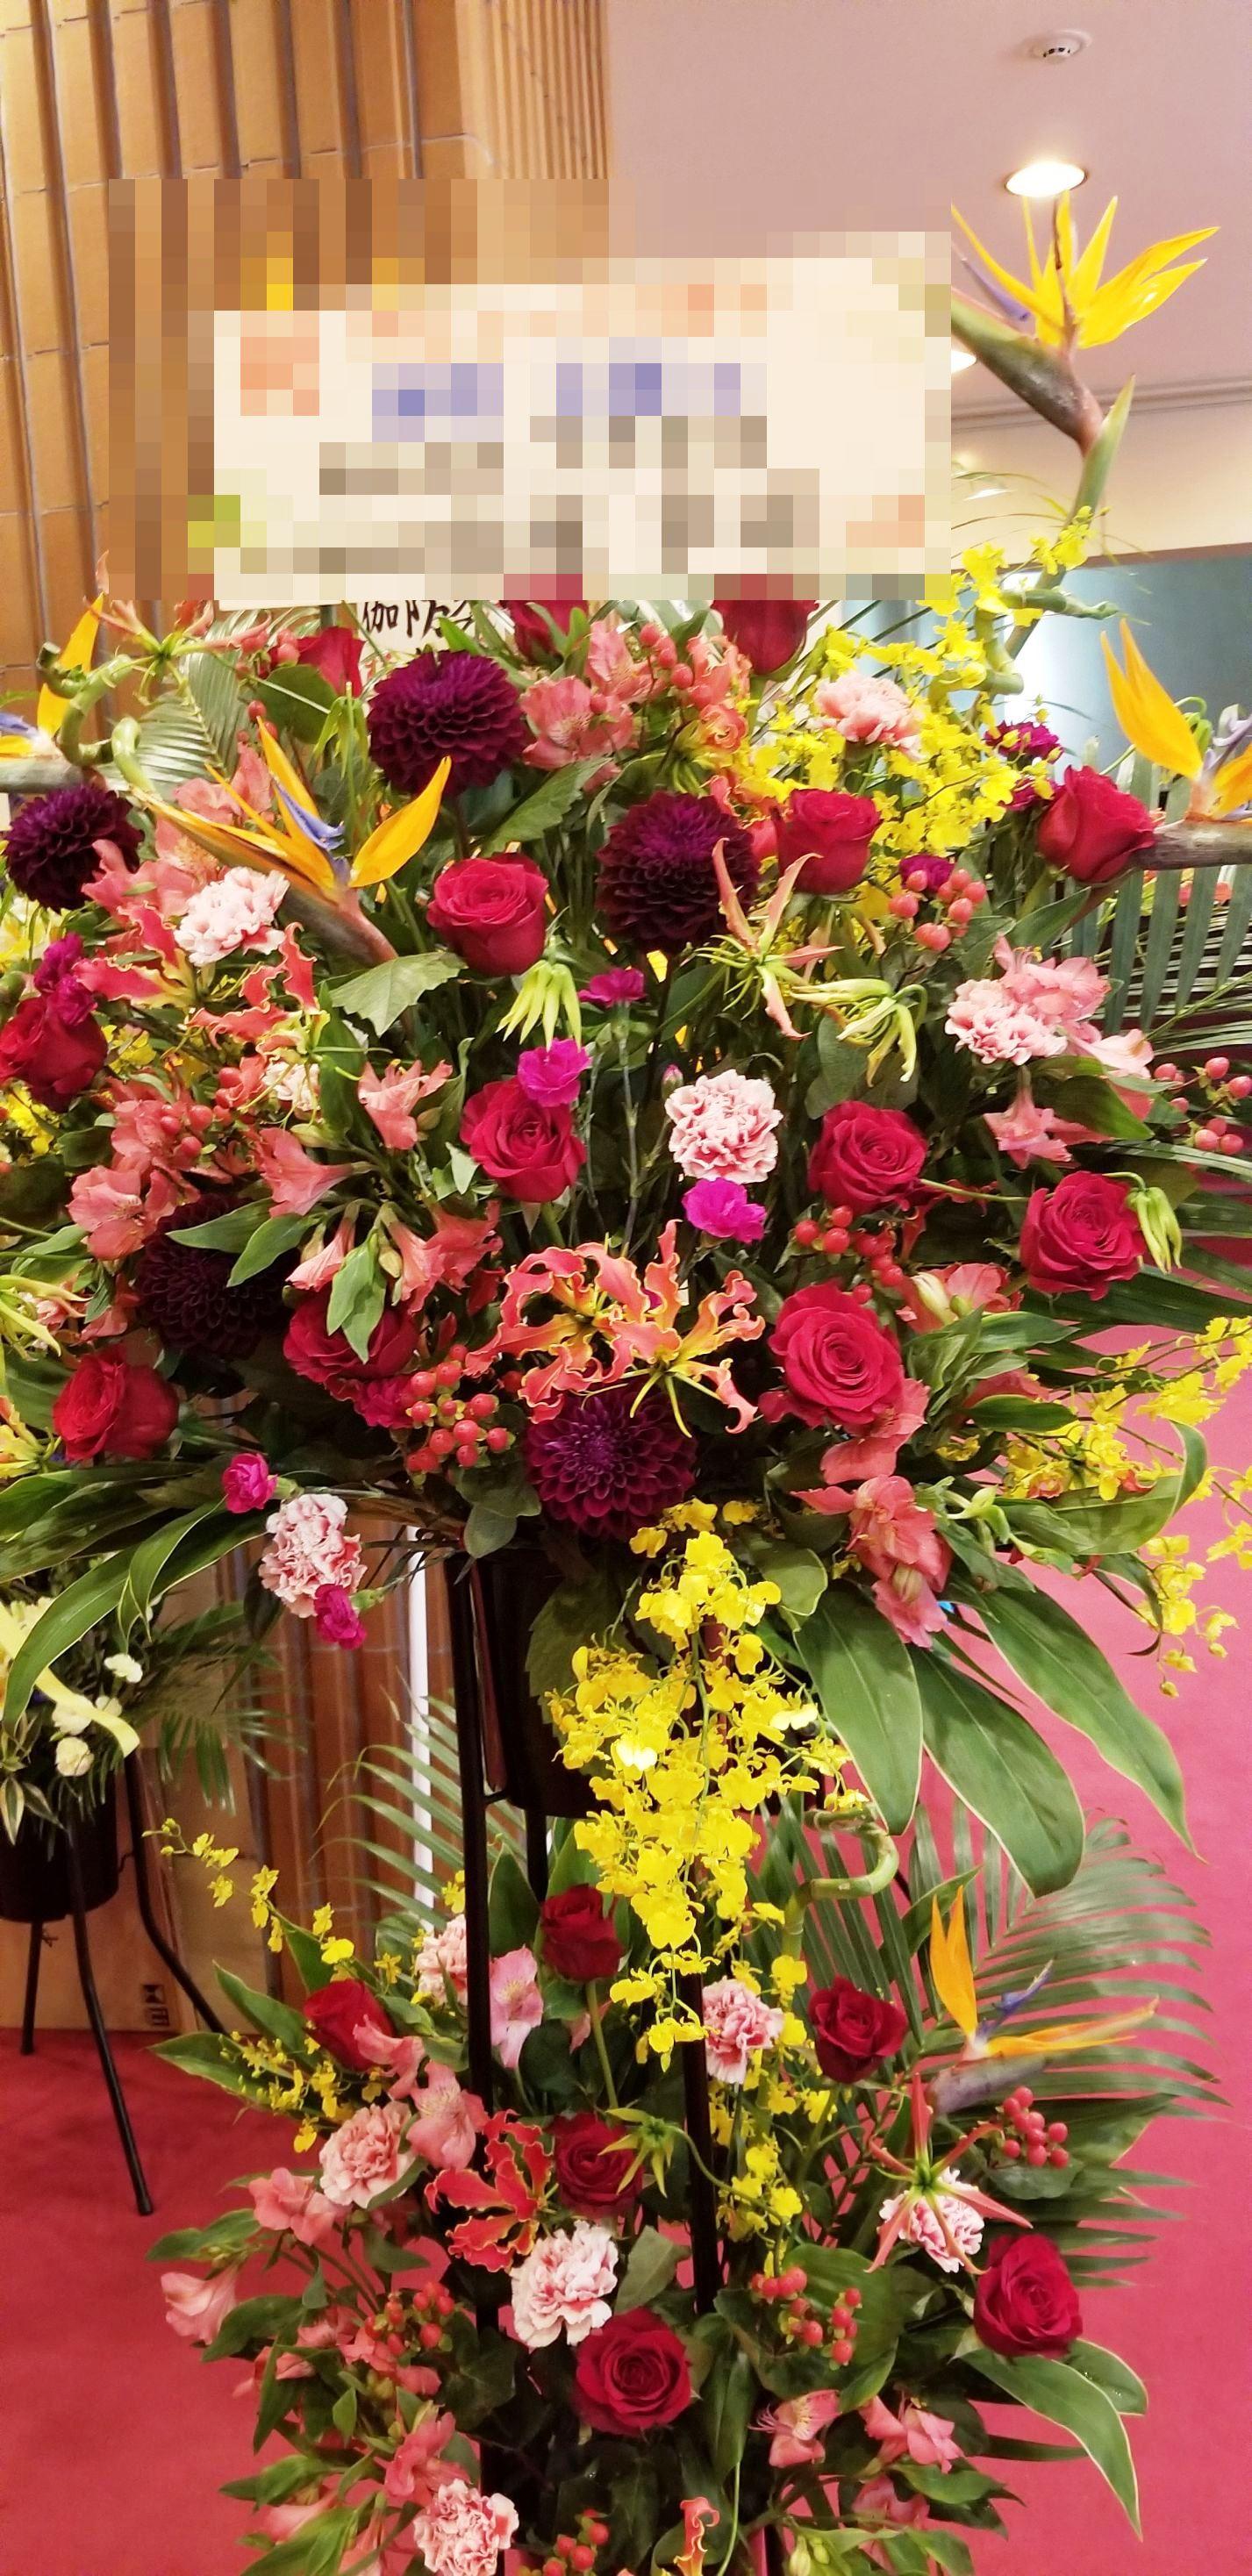 【ナオ花屋の納品事例175】横浜市関内の法人企業様へスタンド花を配達しました!